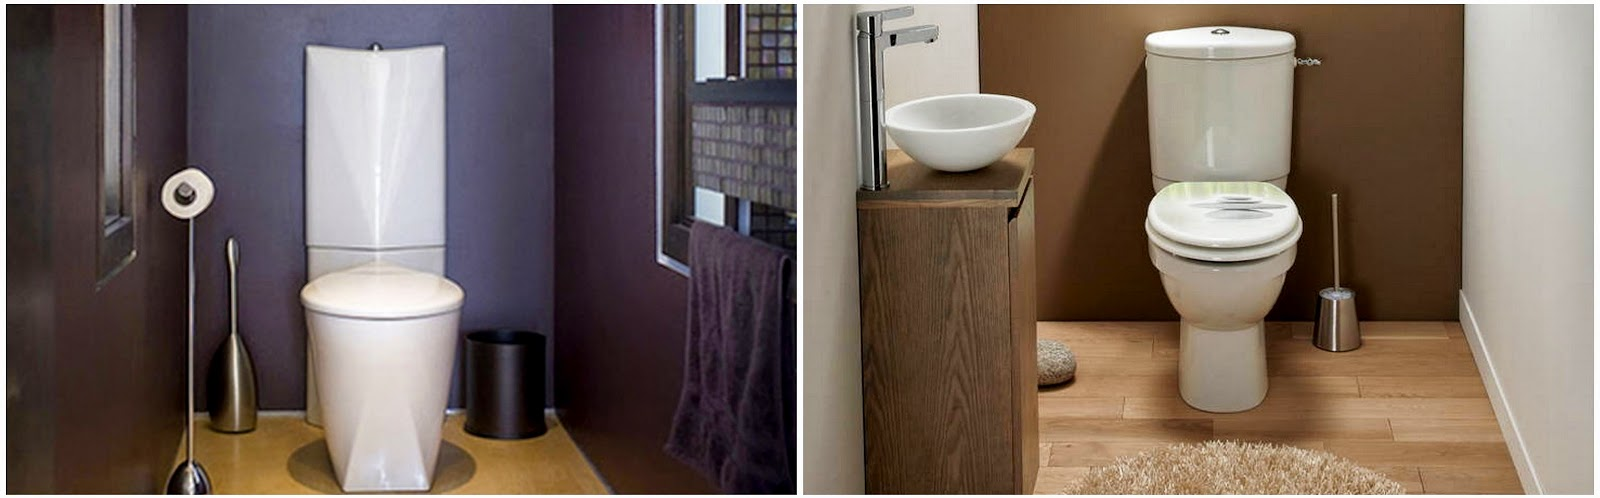 Renovation travaux peinture toilettes wc paris renov ex for Peinture pour toilette